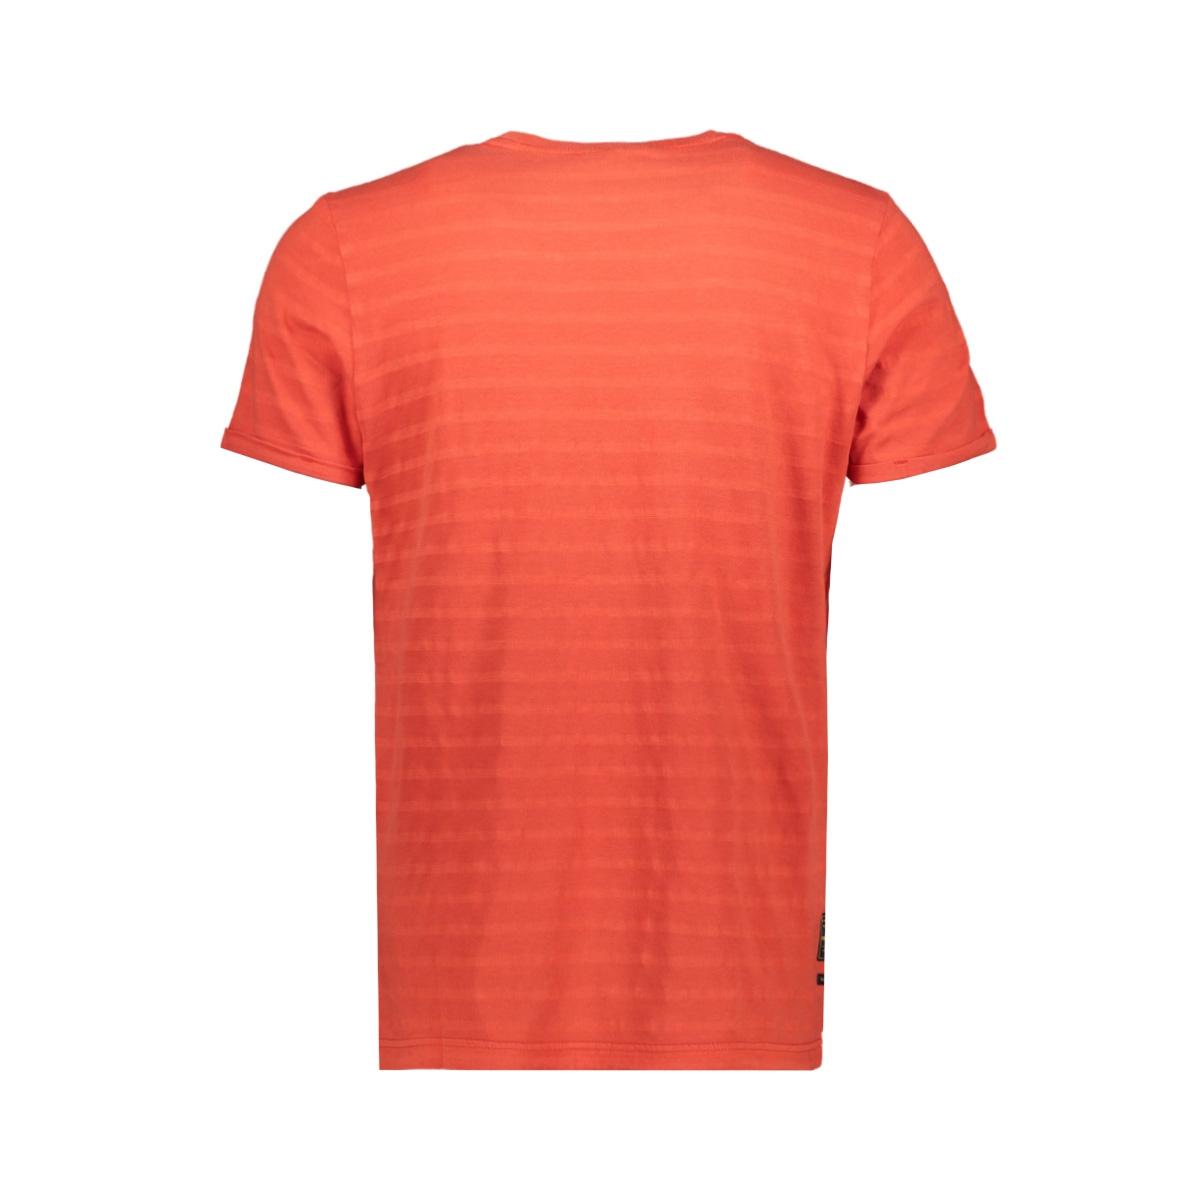 short sleeve t shirt ptss198521 pme legend t-shirt 3089